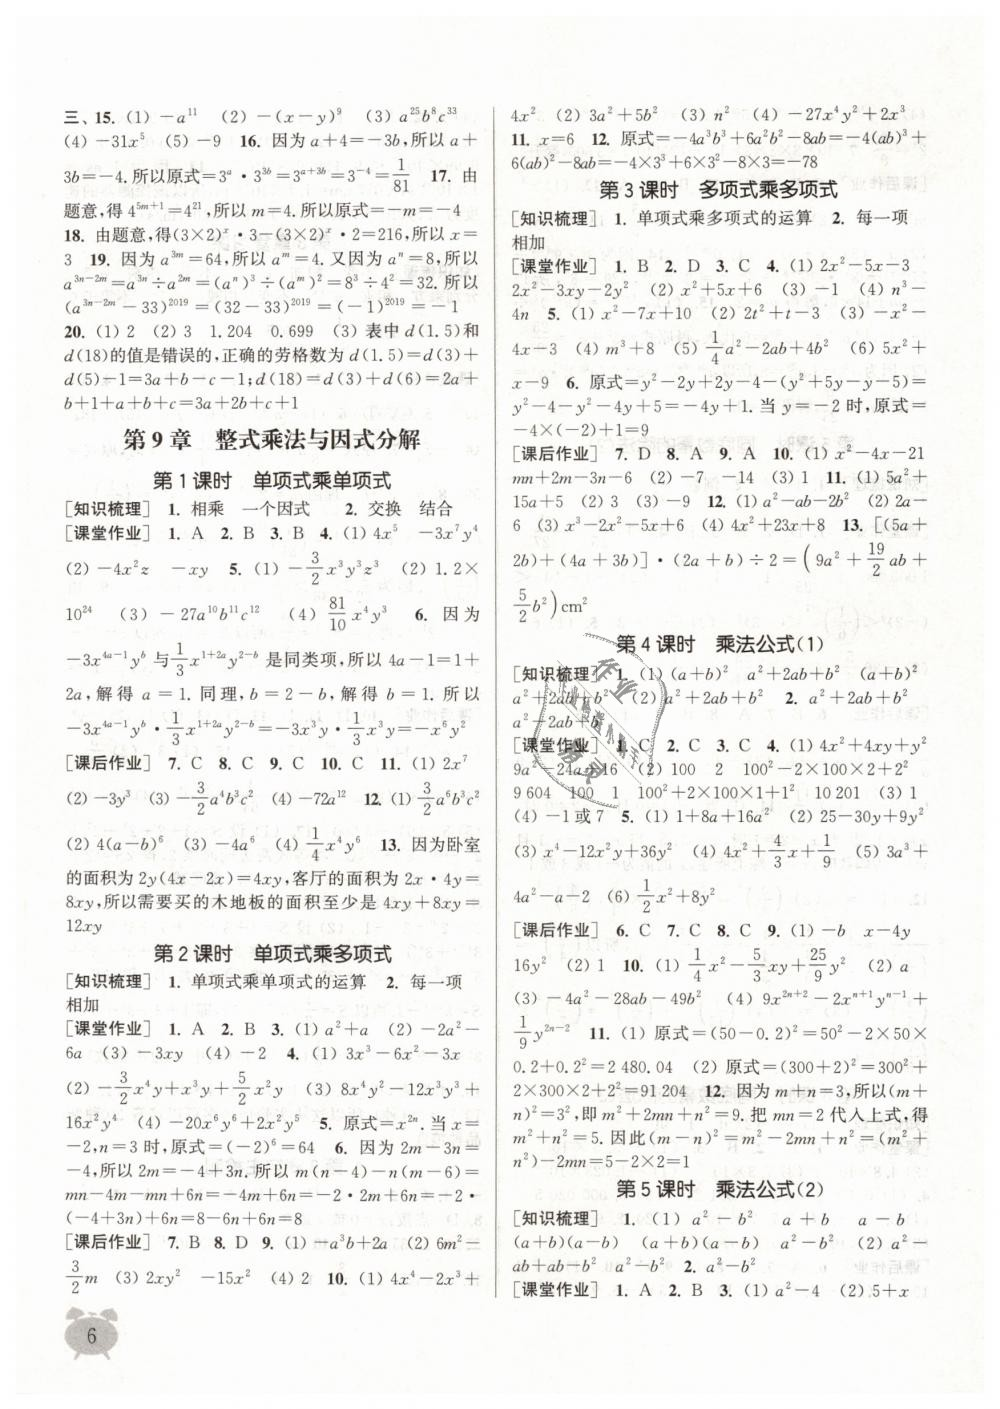 2019年通城学典课时作业本七年级数学下册苏科版江苏专用第6页